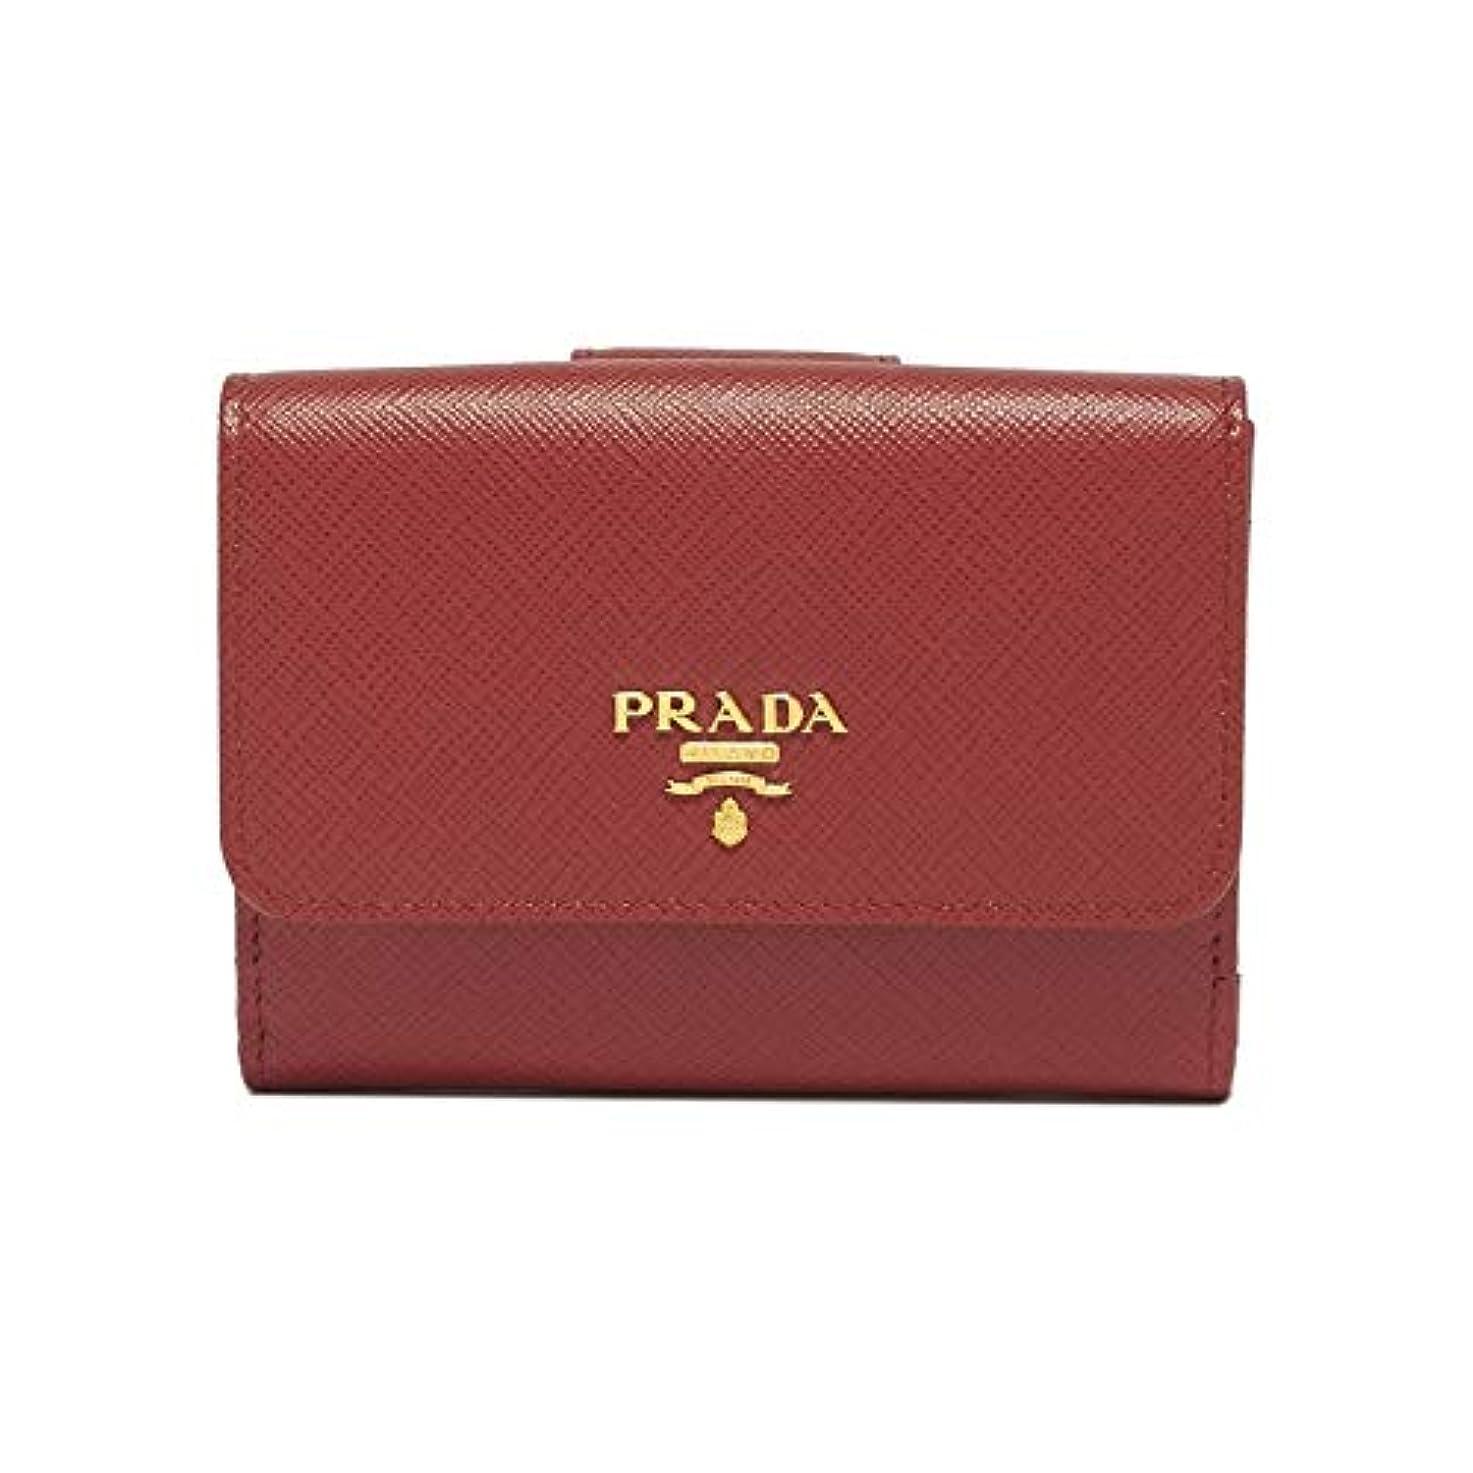 週末ケイ素現実的(プラダ) PRADA 二つ折財布 #1MH523 QWA F068Z 並行輸入品